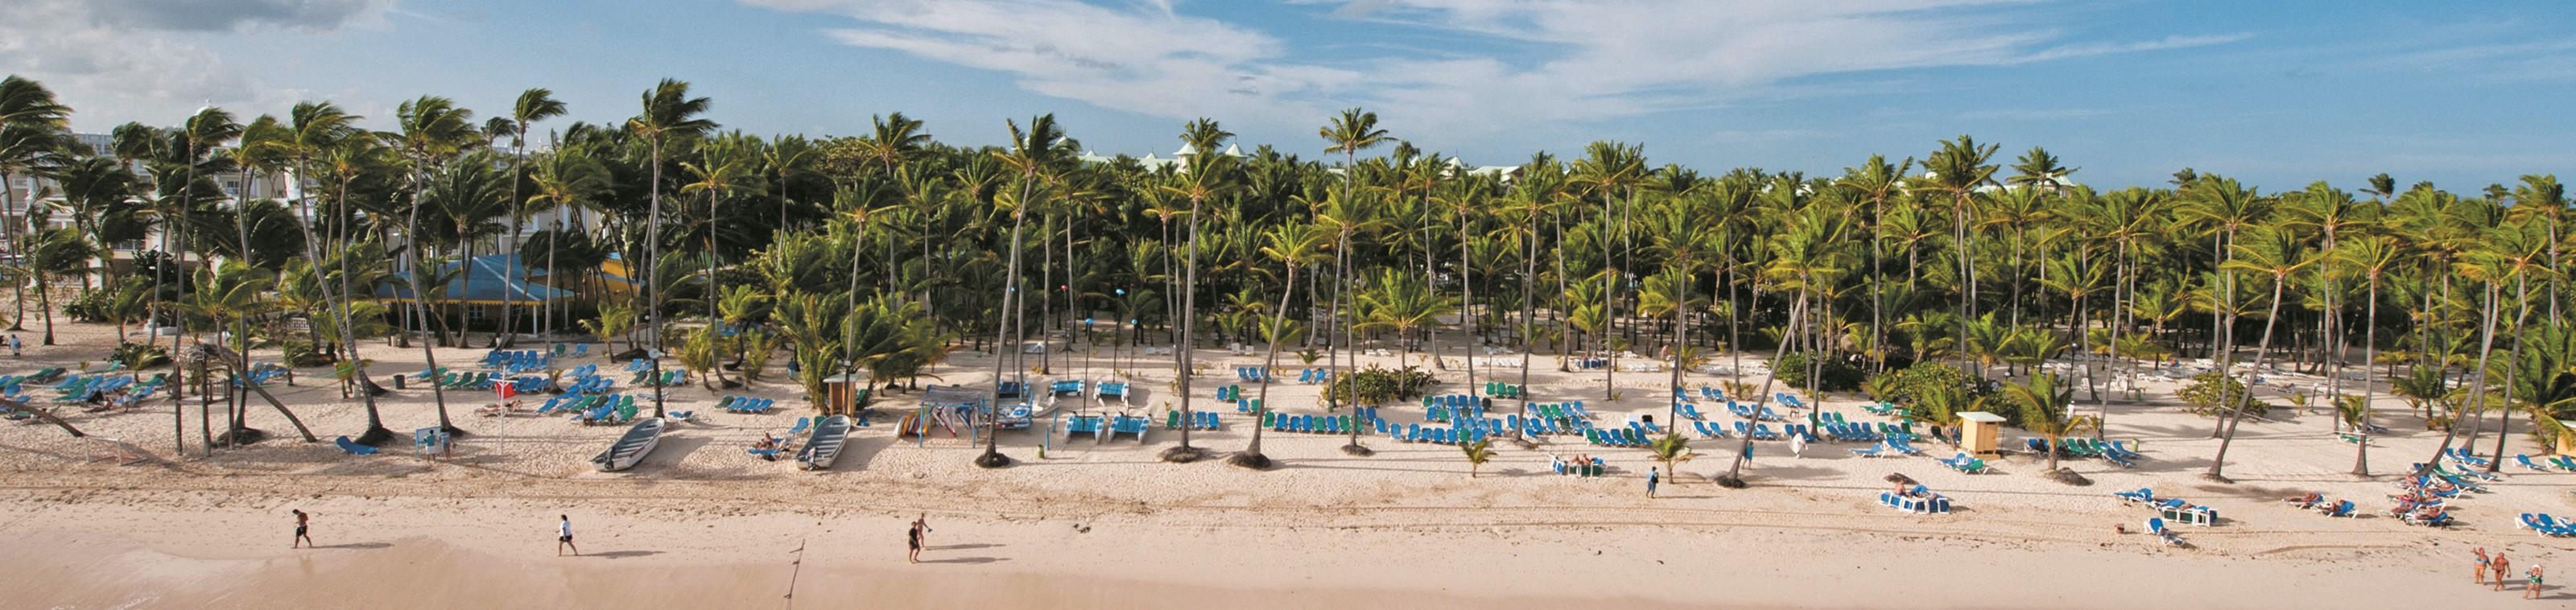 Le Riu Naiboa**** en République dominicaine